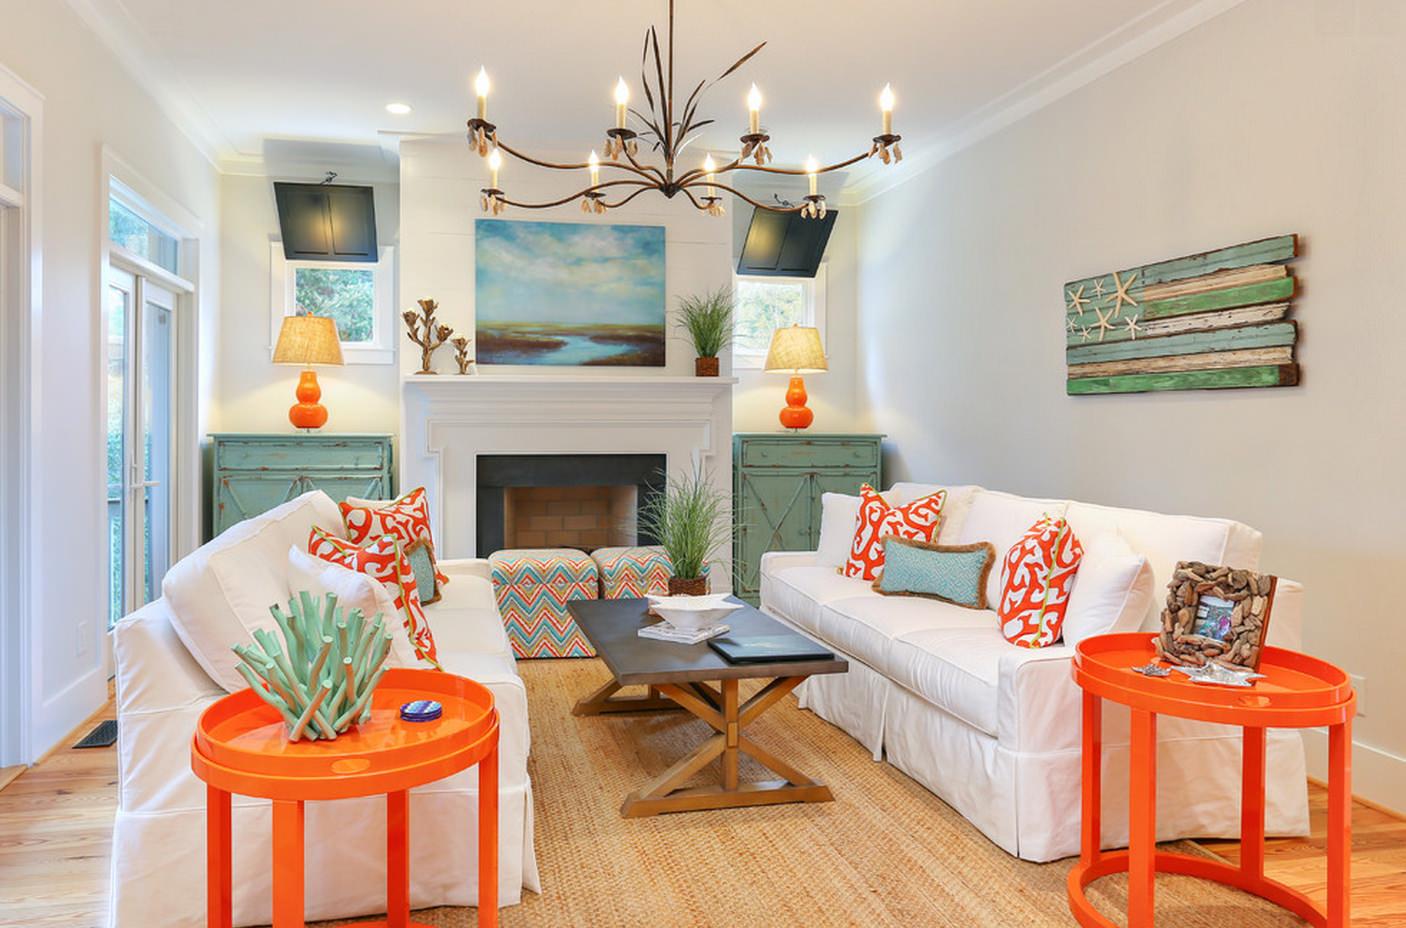 Оранжевый, белый и мятный цвета в интерьере гостиной